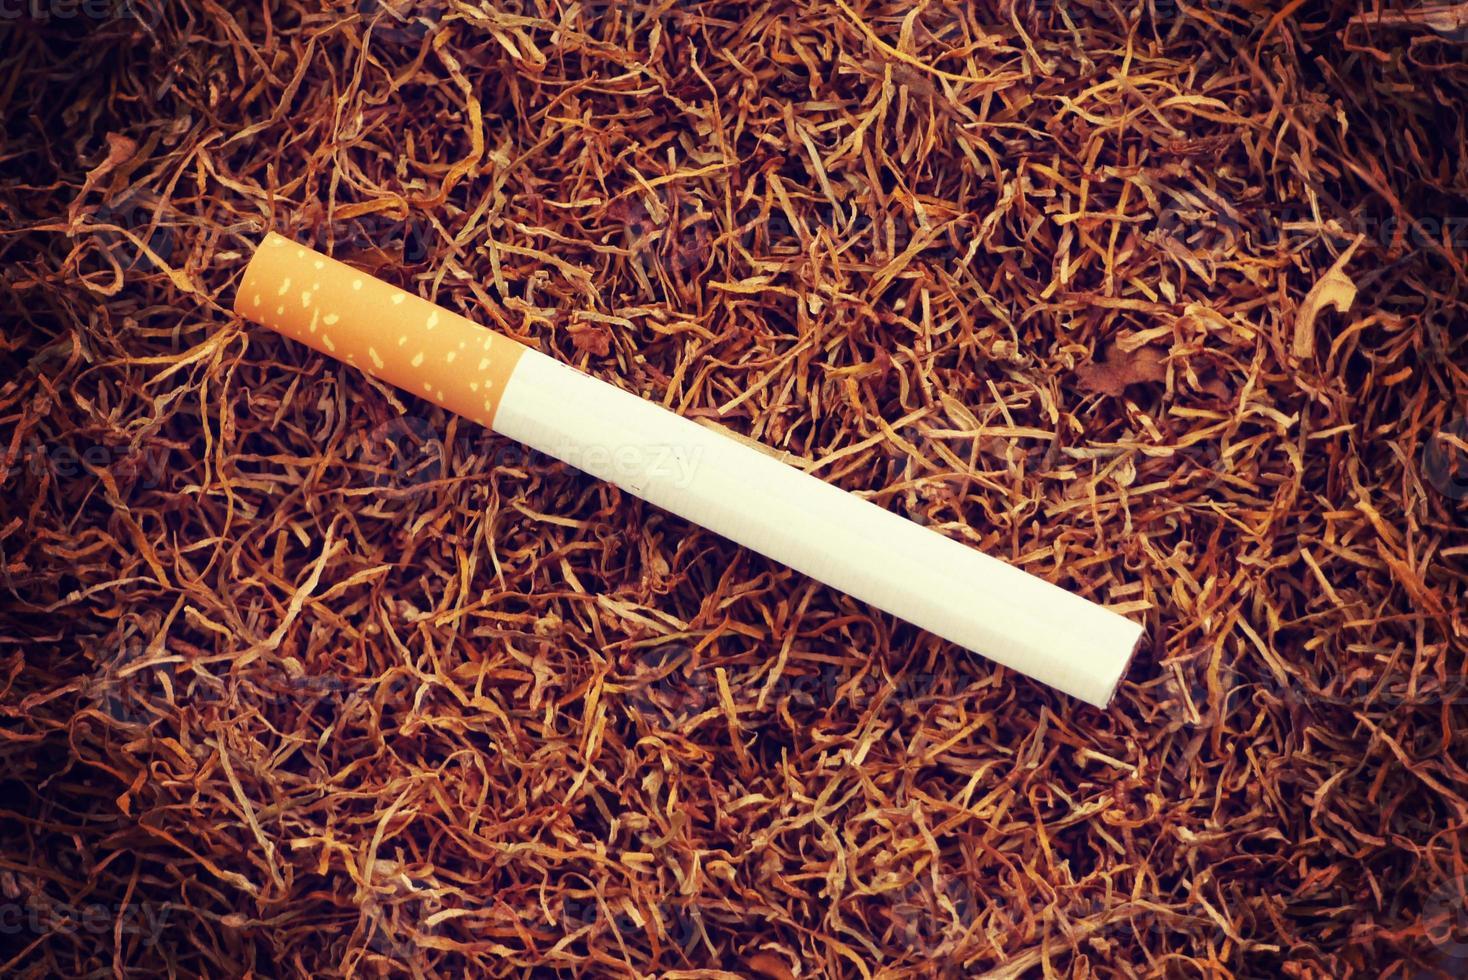 cigarrillo viejo estilo vintage retro foto